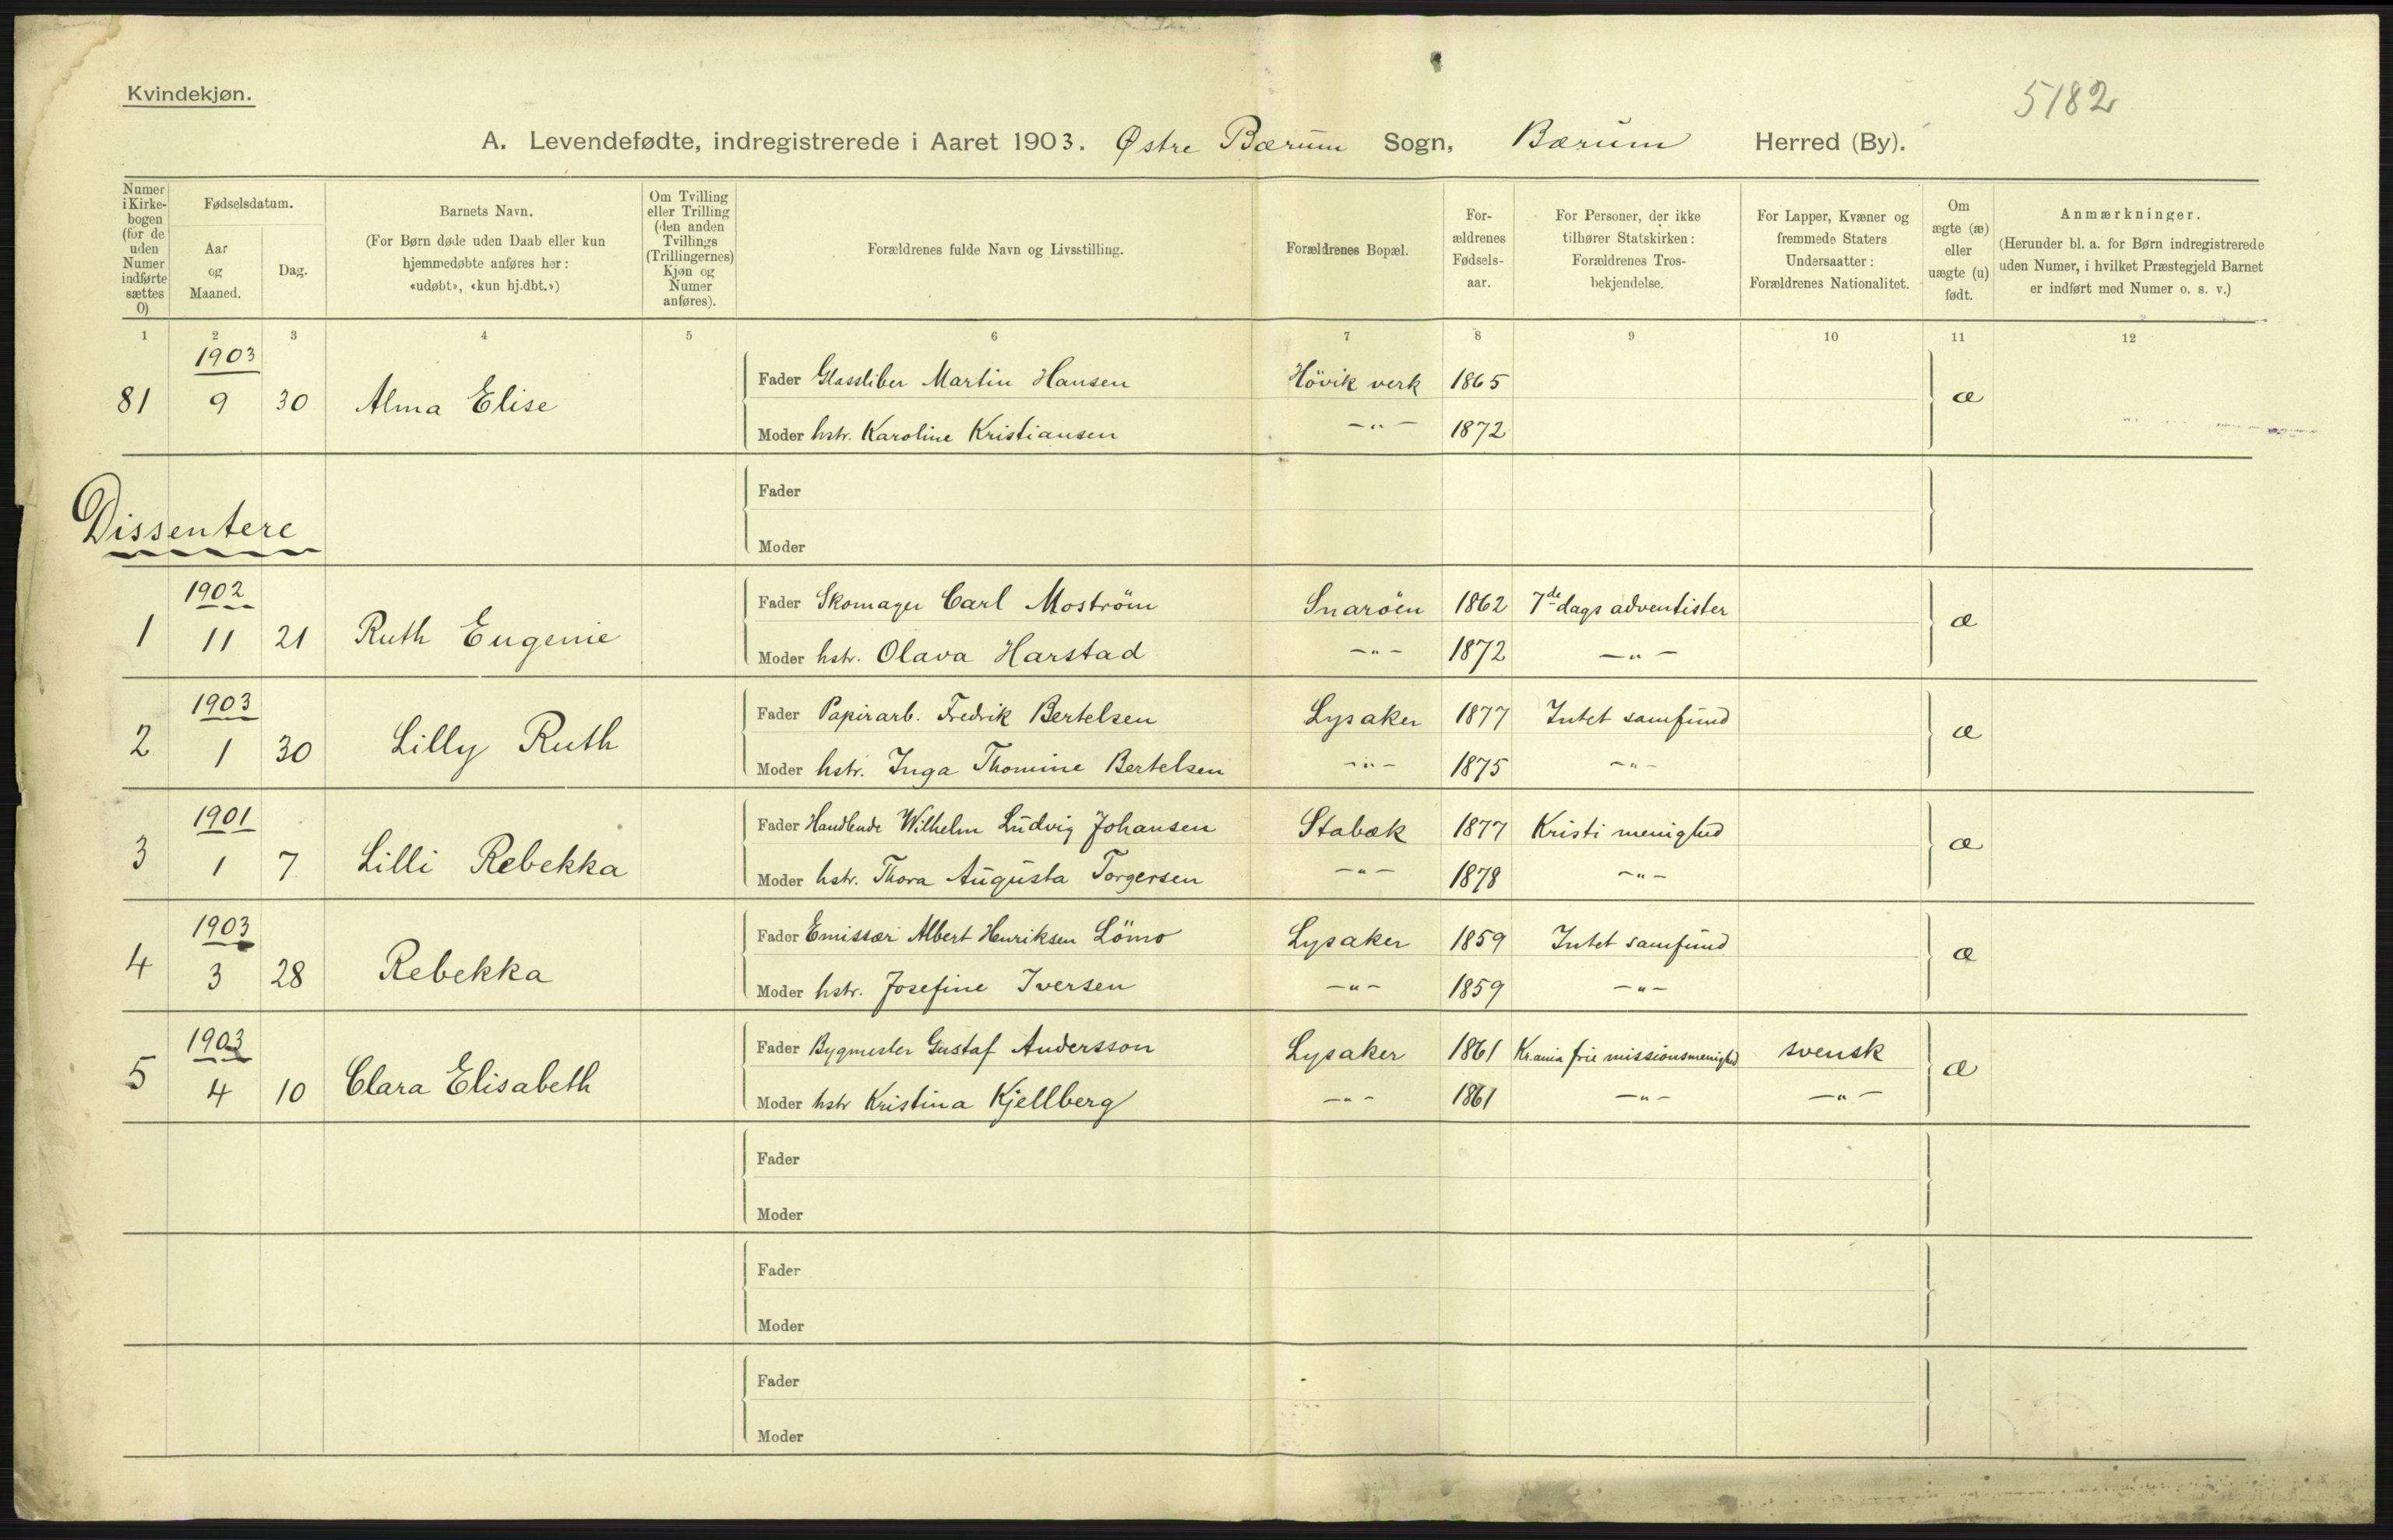 RA, Statistisk sentralbyrå, Sosiodemografiske emner, Befolkning, D/Df/Dfa/Dfaa/L0002: Akershus amt: Fødte, gifte, døde, 1903, s. 3